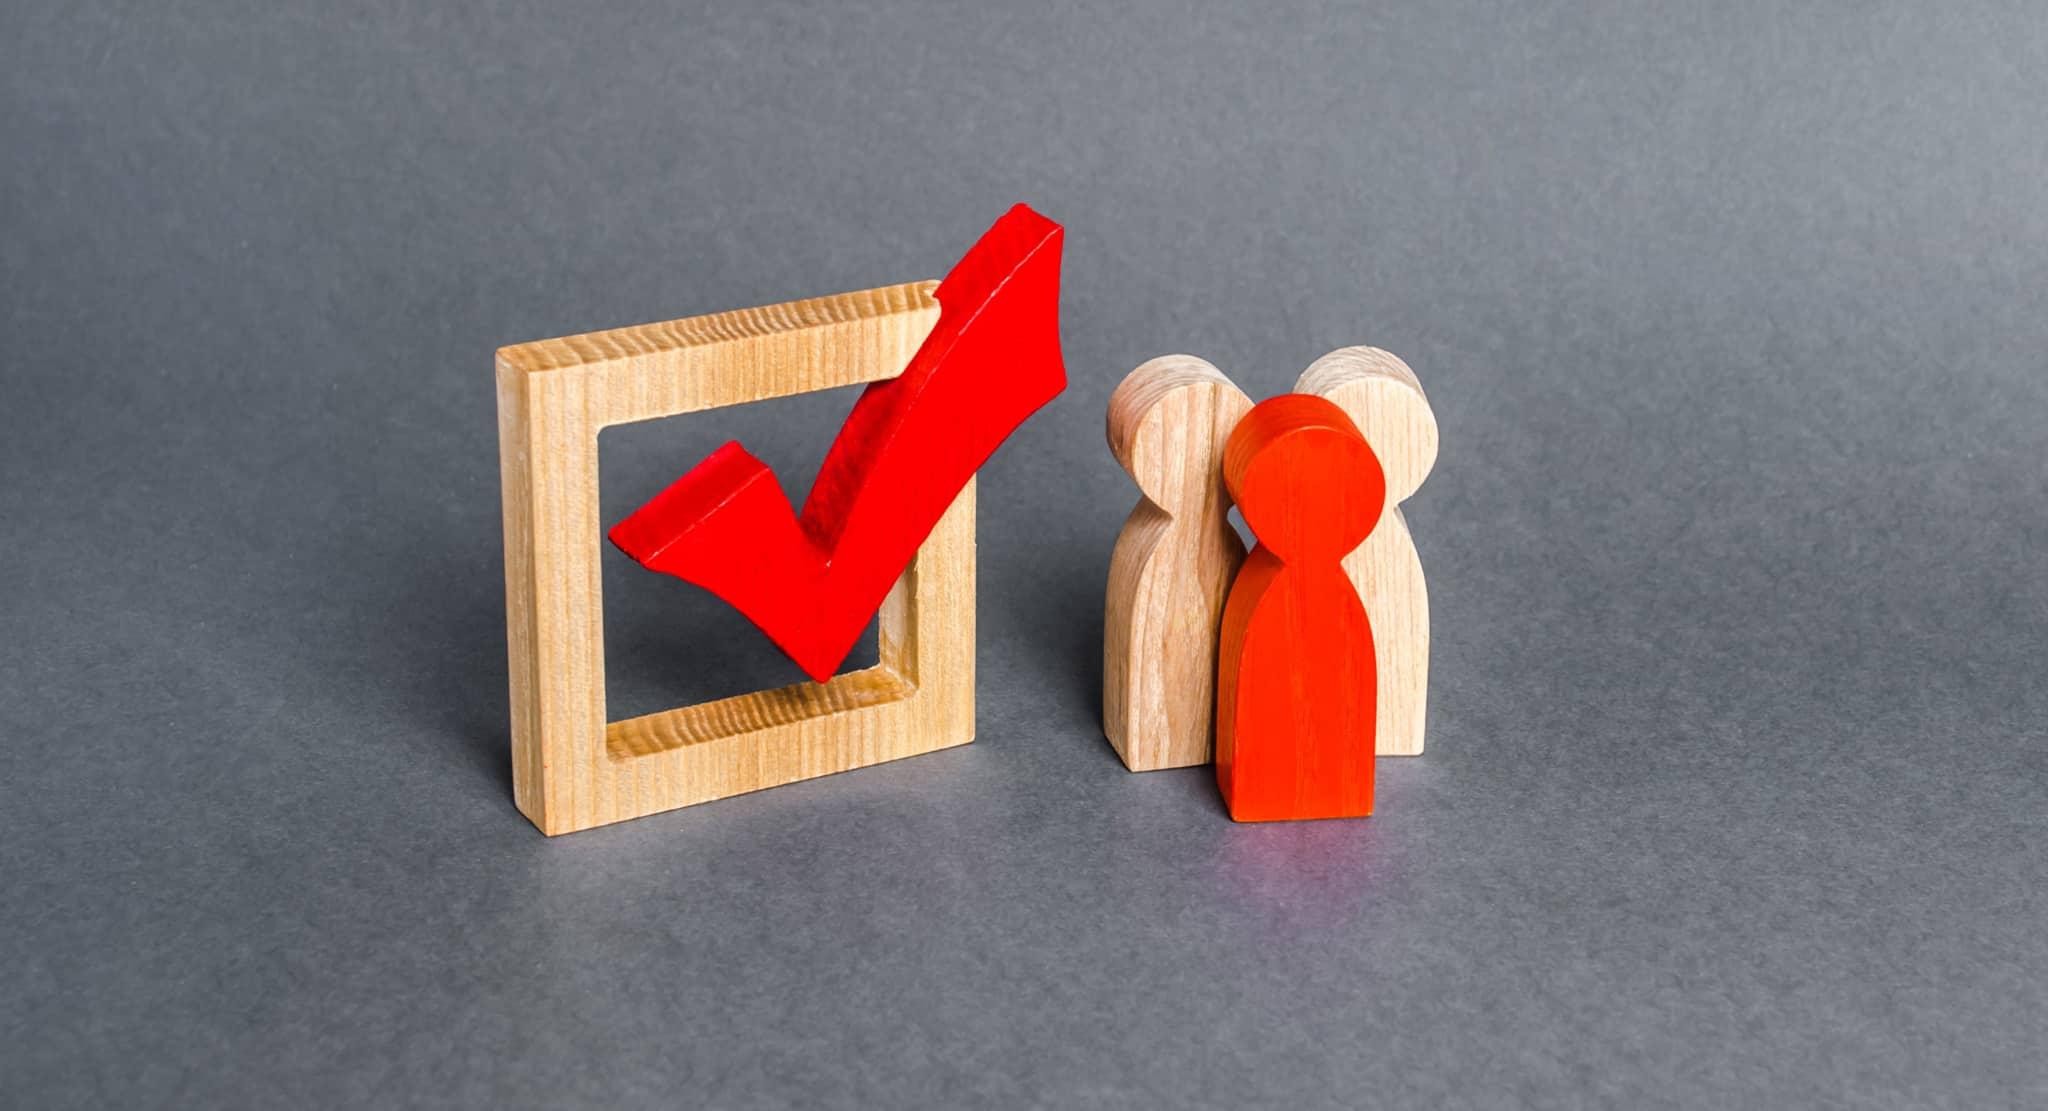 votos_candidatos_eleicoes_democracia